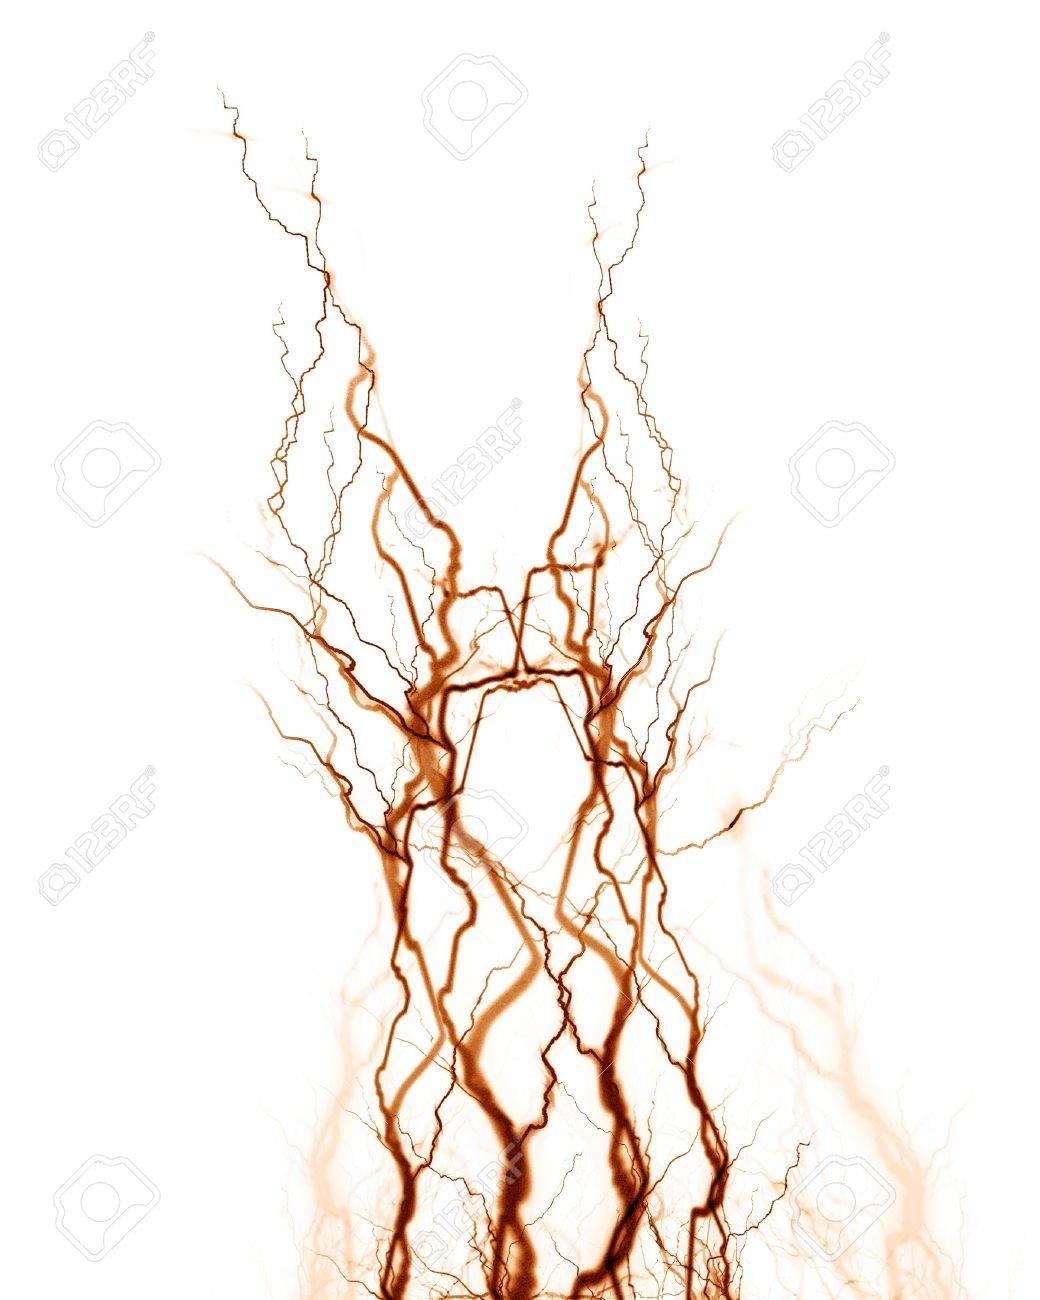 Menschliches Nervensystem Auf Weißem Hintergrund Lizenzfreie Fotos ...